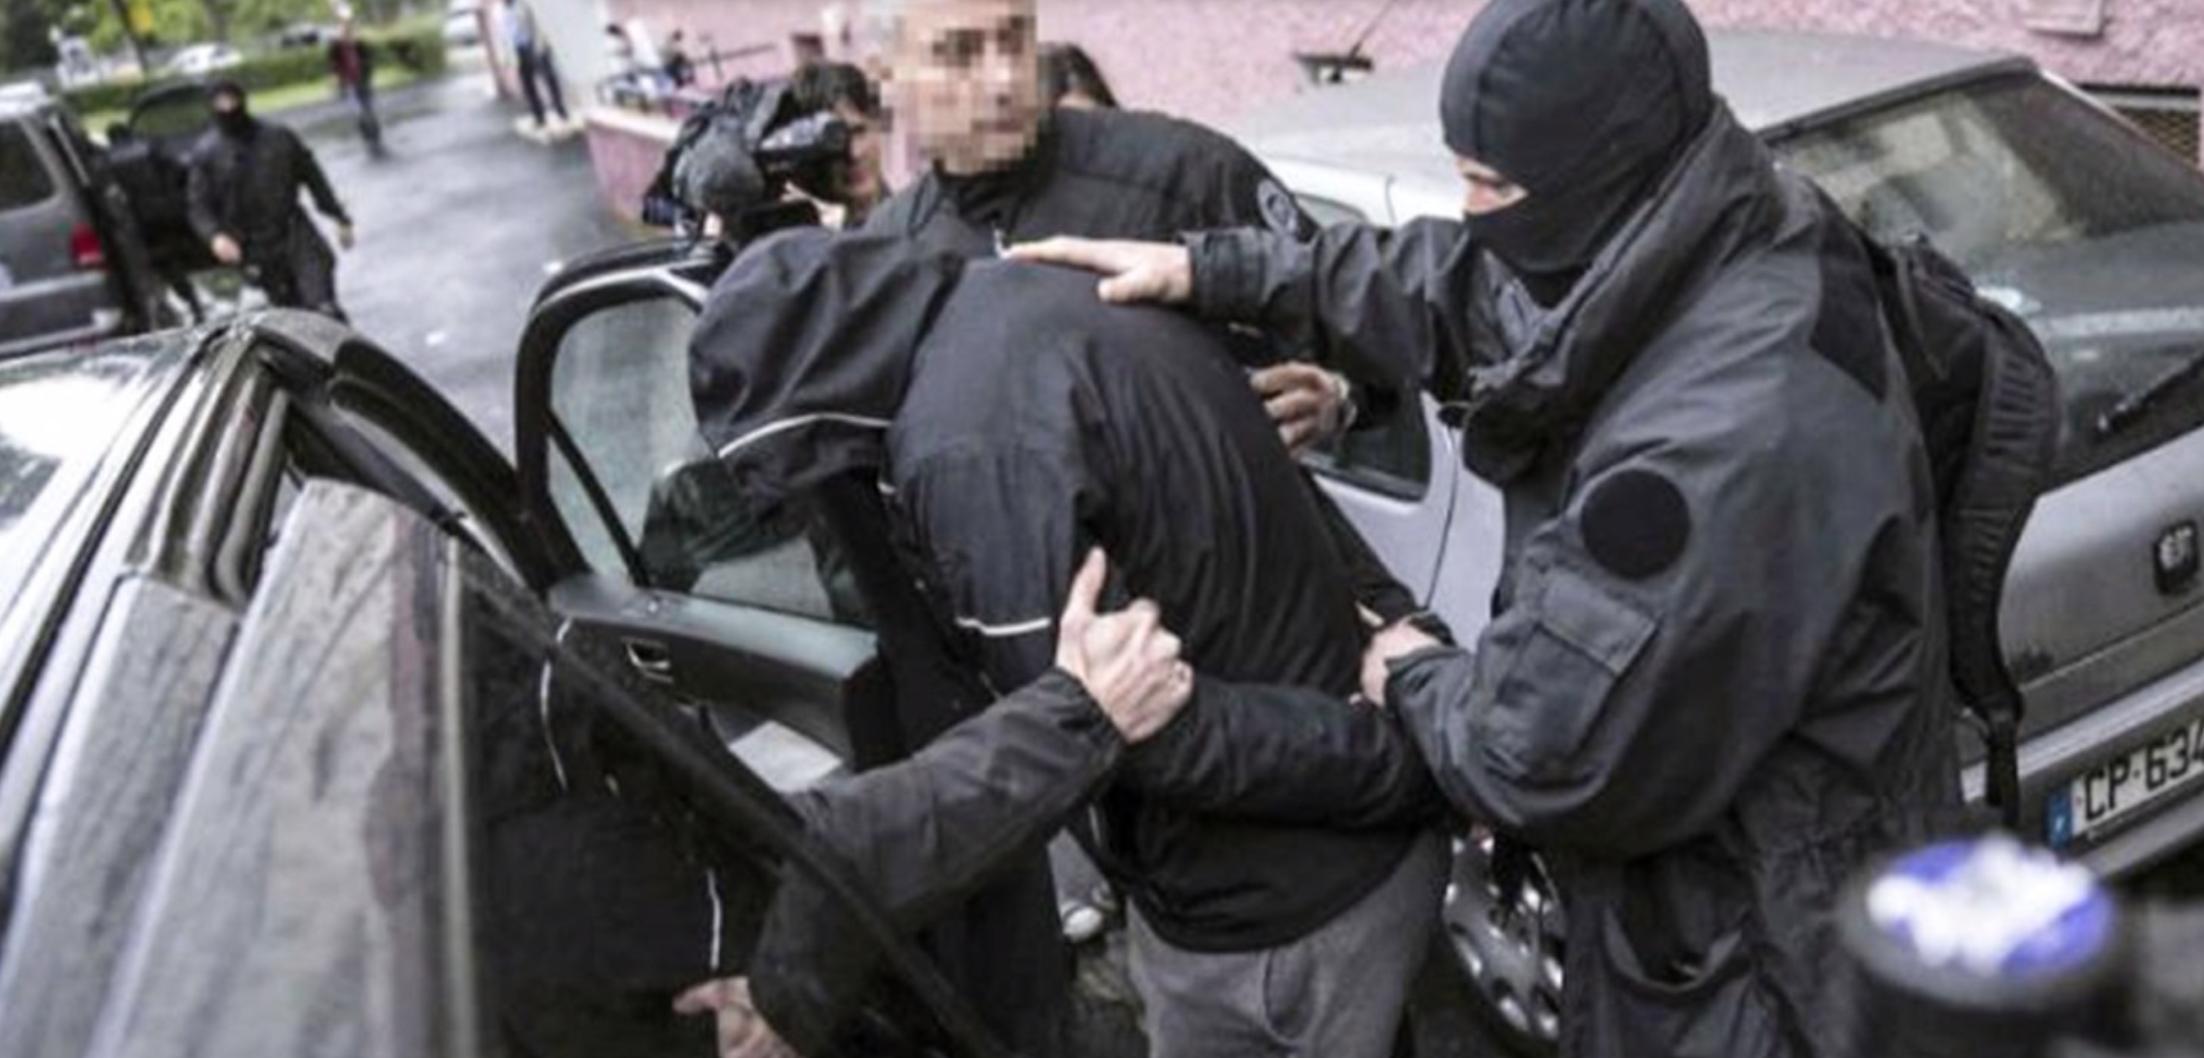 Enfin ! On va pouvoir expulser nos terroristes en Algérie… si Macron l'accepte !!!